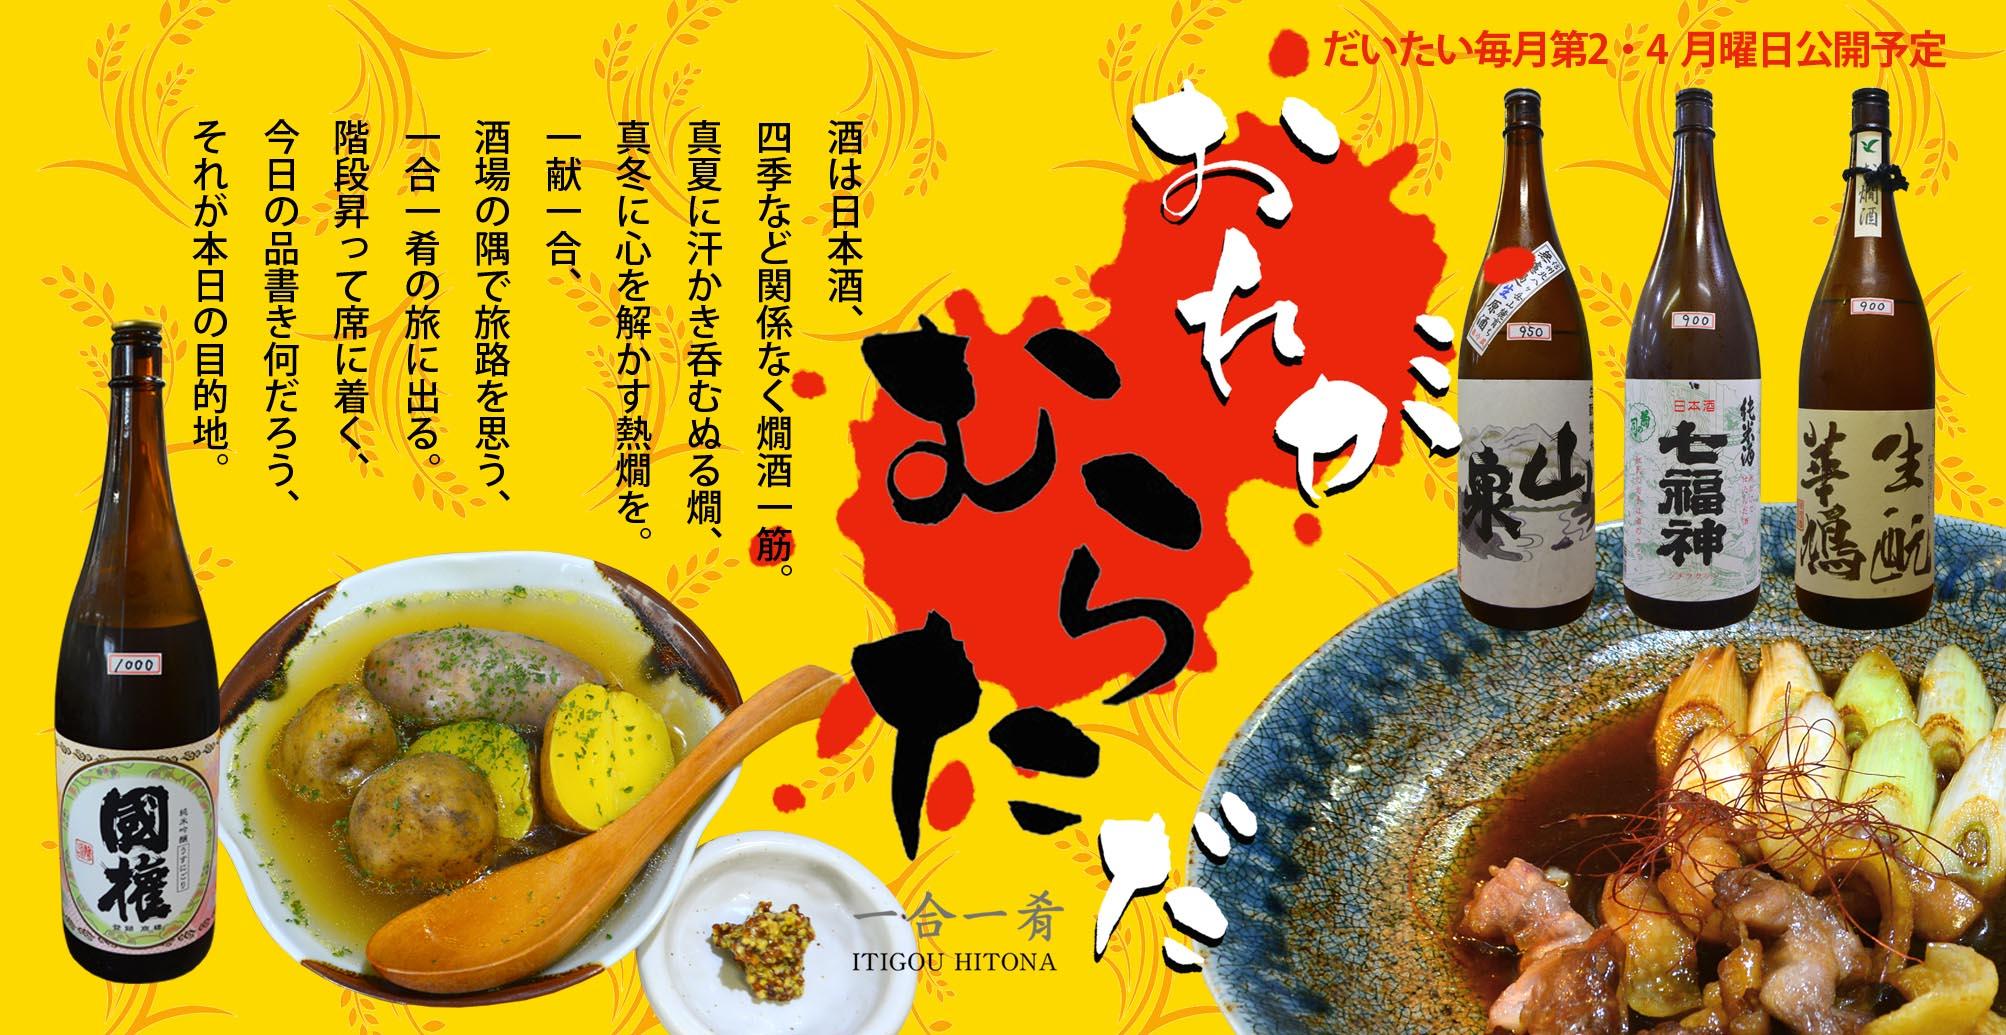 04-3nihonsyu-japan-murata top-3